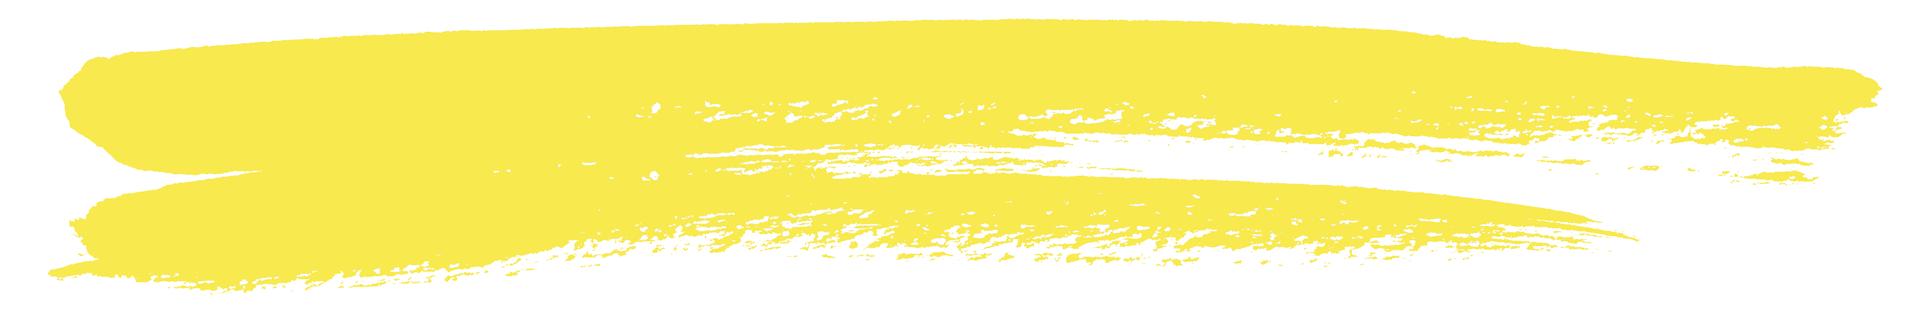 yellowbrush.png